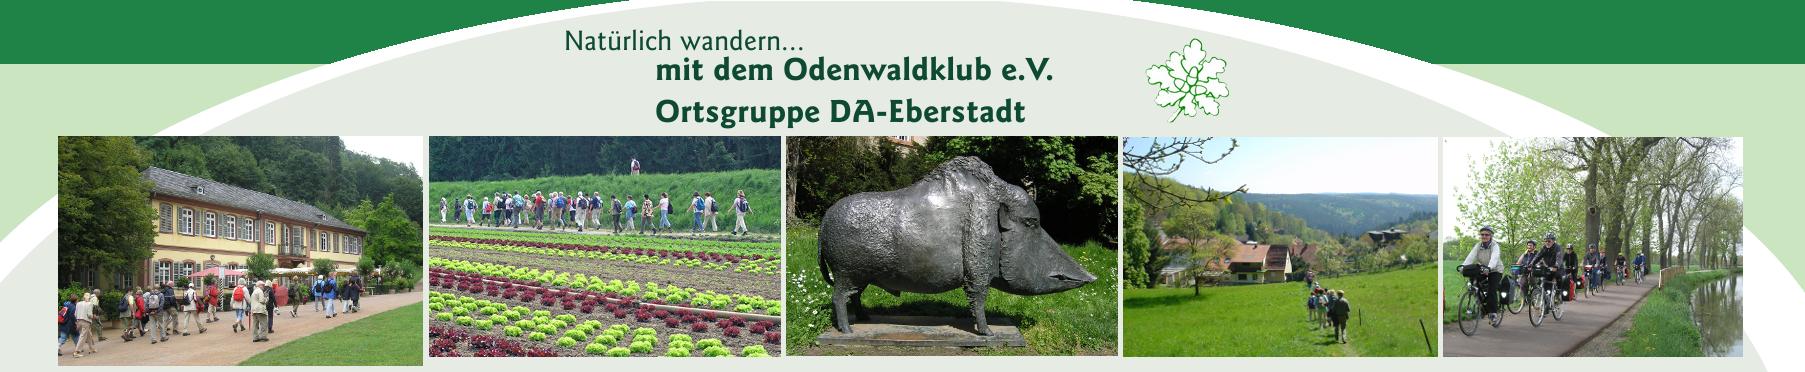 Odenwaldklub e.V. Ortsgruppe Darmstadt-Eberstadt